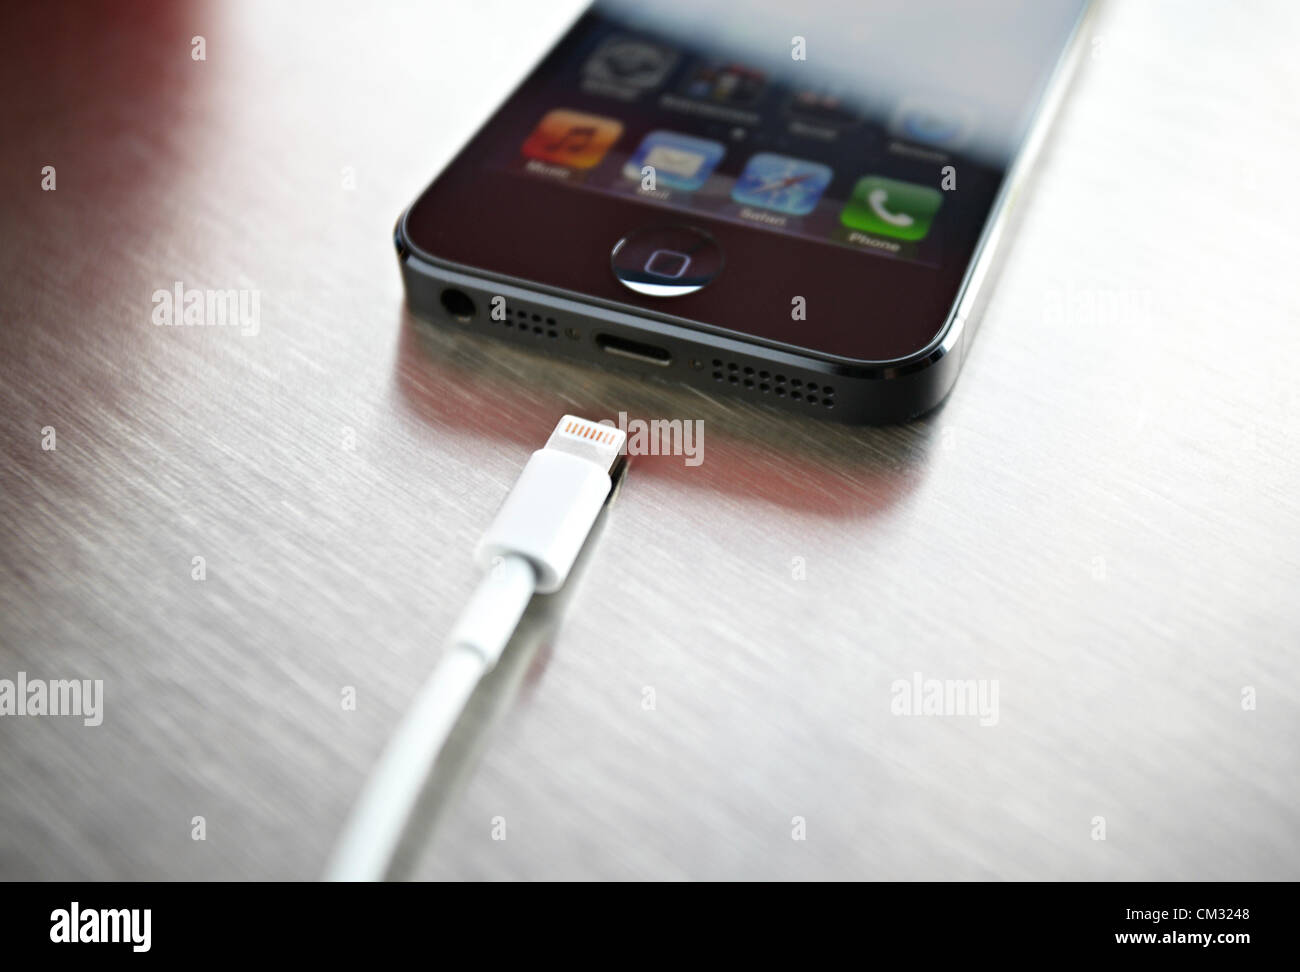 À l'intérieur d'un café, d'une nouvelle, noir, Apple iPhone 5 se trouve face vers le Photo Stock